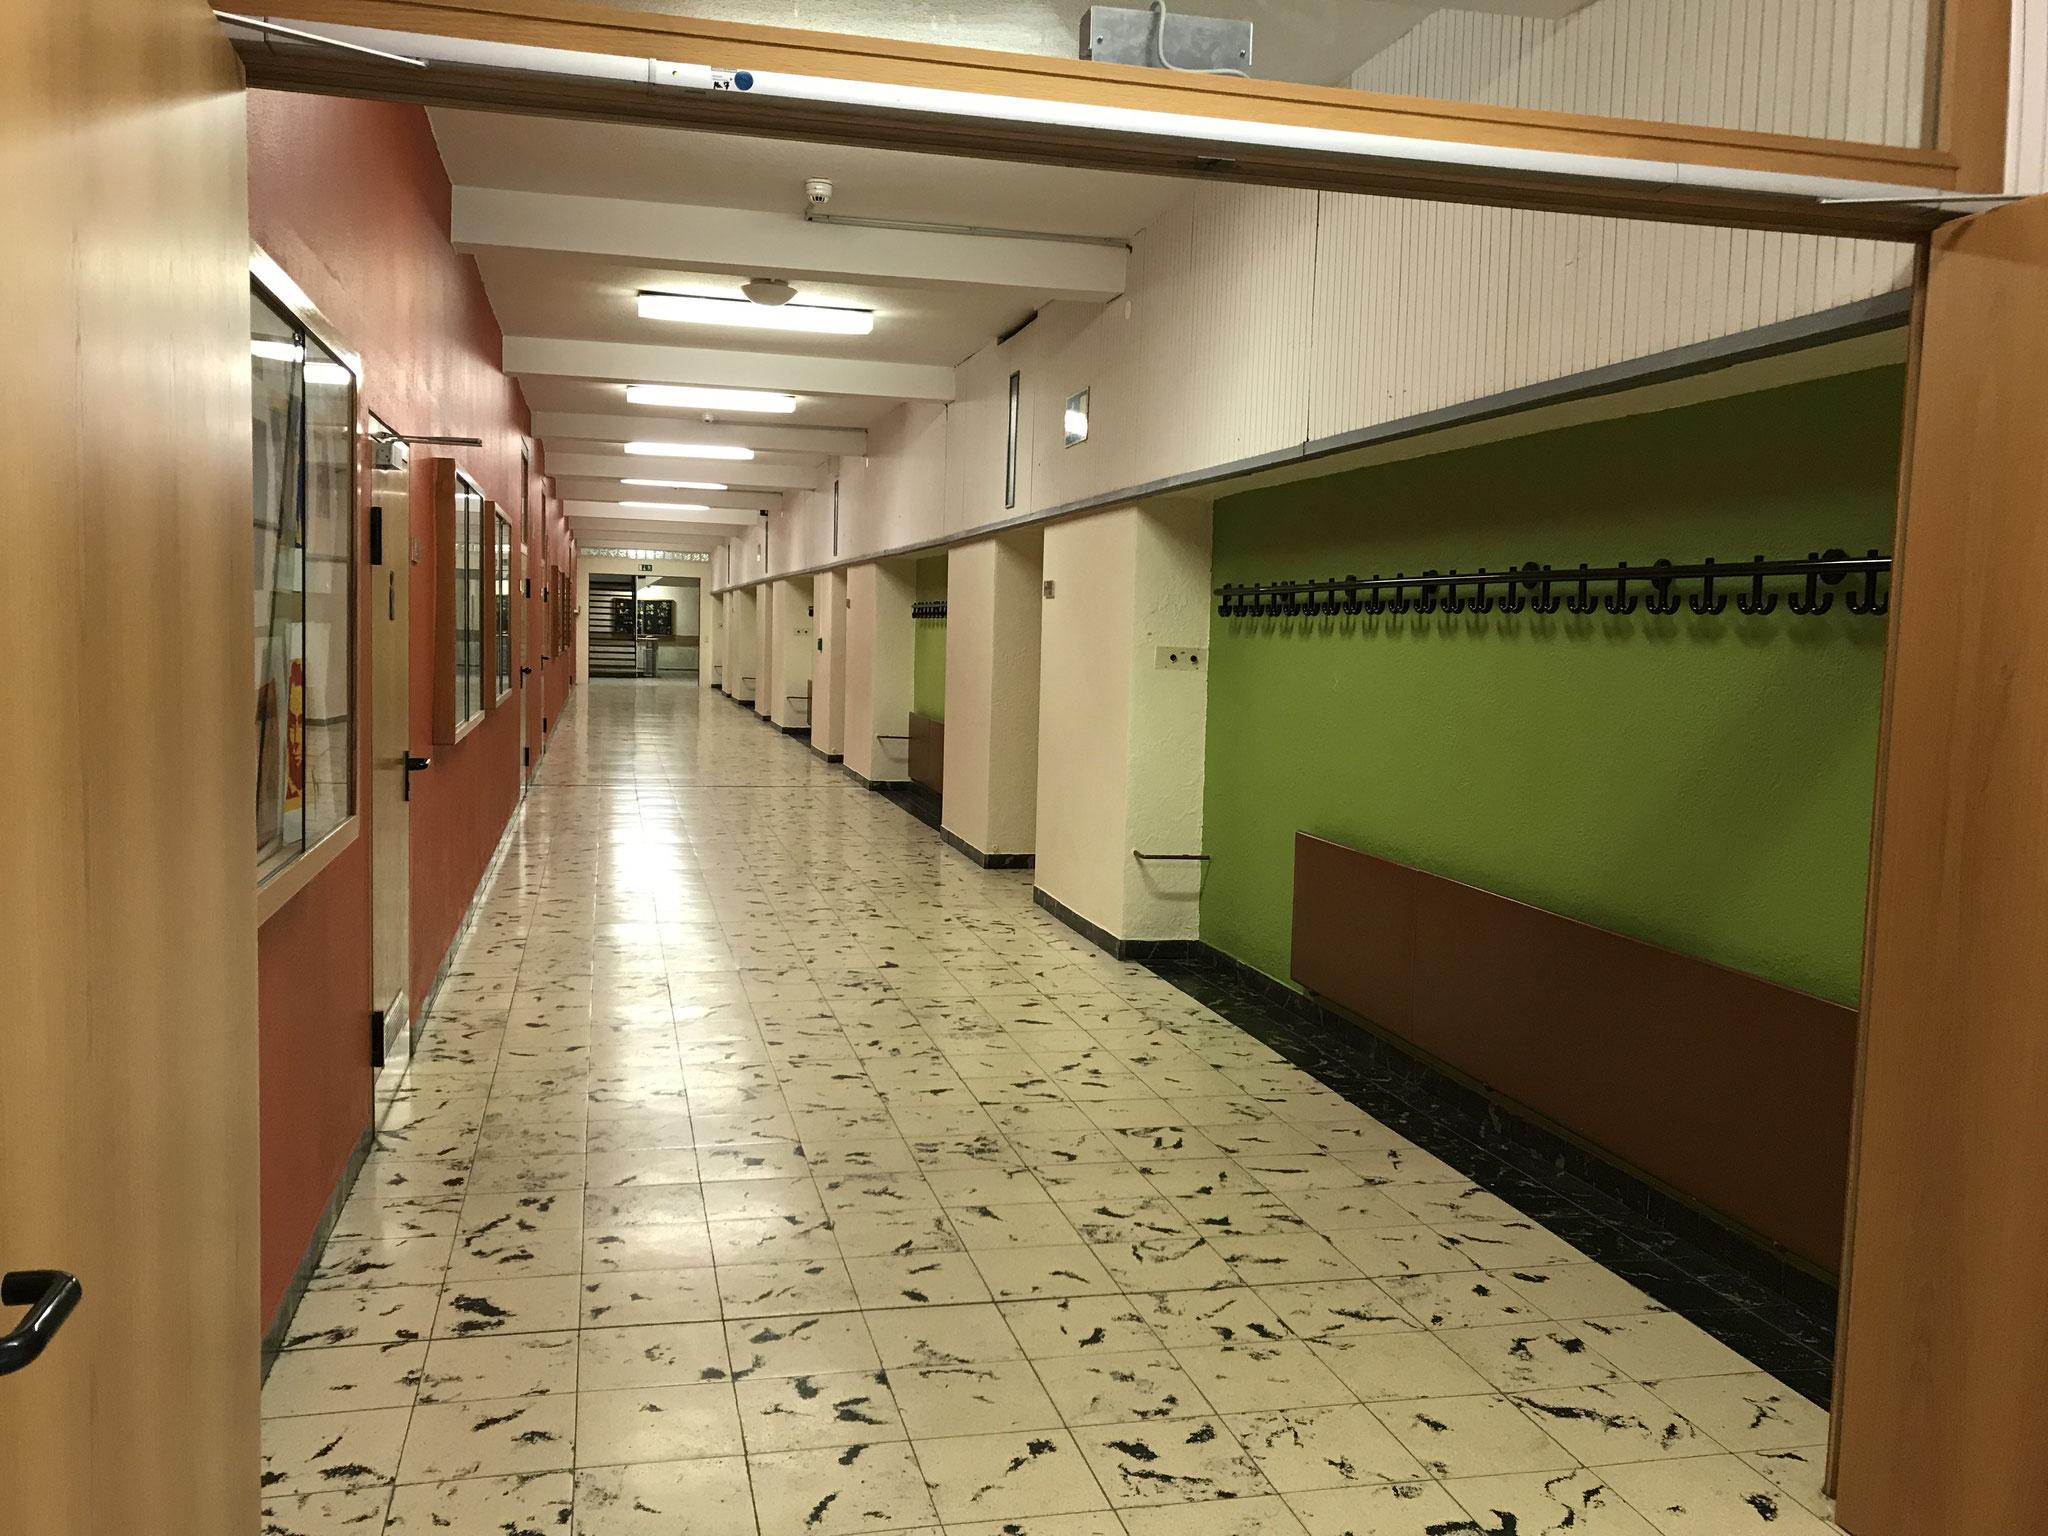 Gänge im Schulgebäude